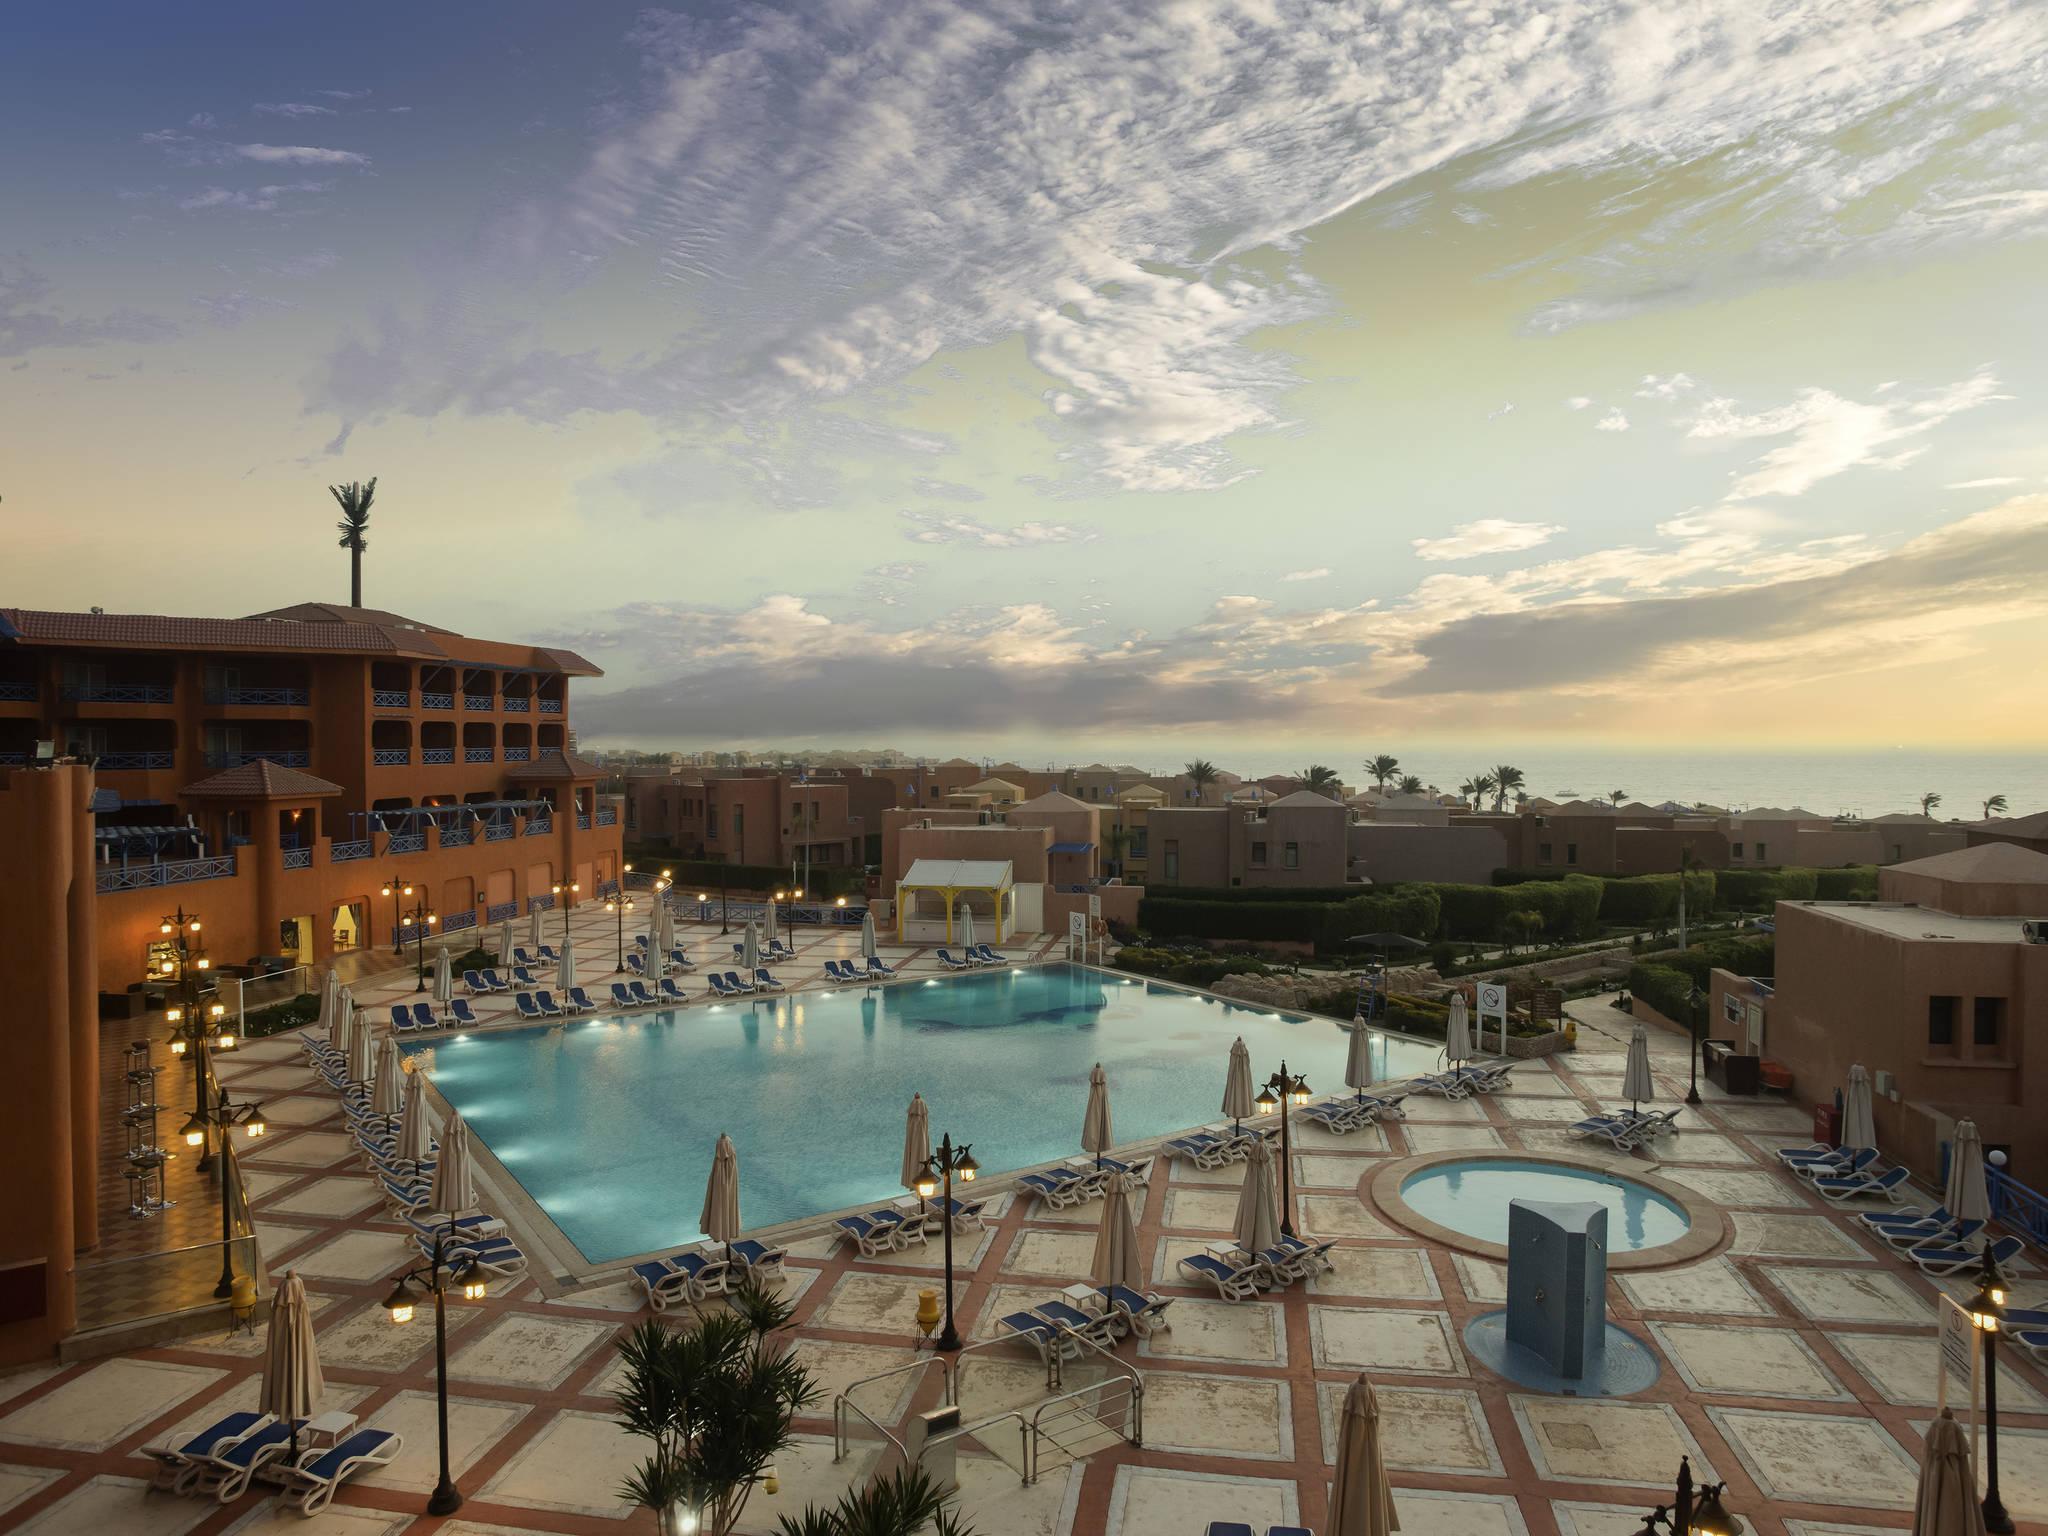 ホテル – Cancun Sokhna - Managed by AccorHotels